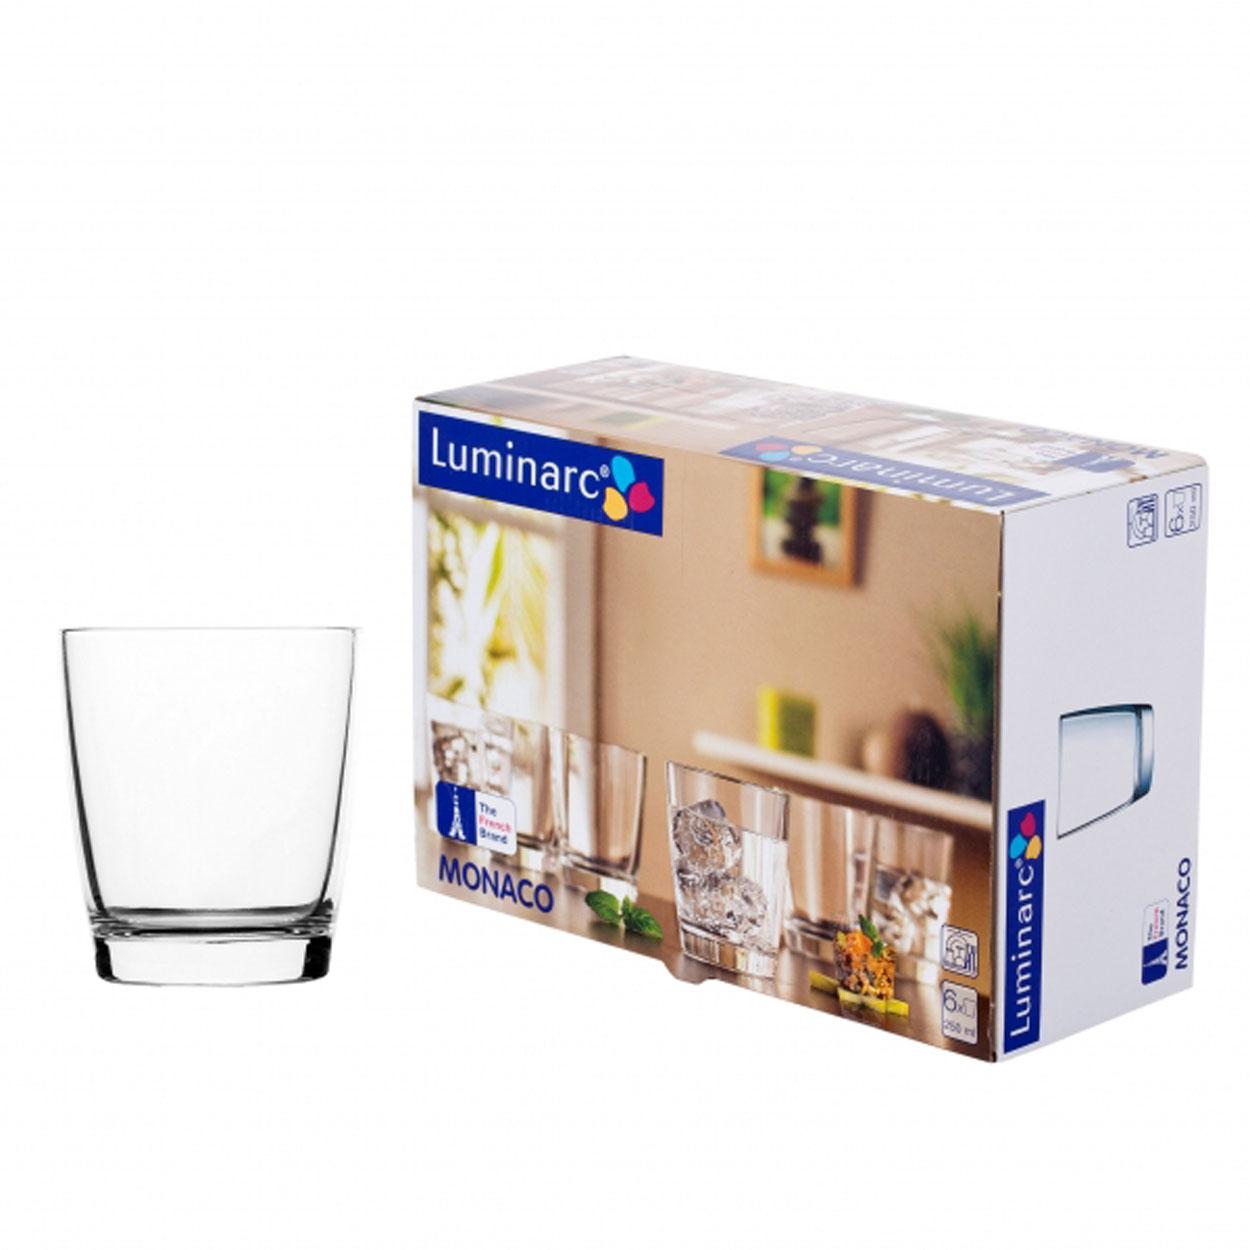 Набор стаканов Luminarc Monaco, 250 мл, 6 штH5124Набор Luminarc Monaco состоит из 6 низких стаканов, выполненных из высококачественного стекла. Изделия подходят для сока, воды, лимонада и других напитков. Такой набор станет прекрасным дополнением сервировки стола, подойдет для ежедневного использования и для торжественных случаев. Можно мыть в посудомоечной машине.Объем стакана: 250 мл.Высота стакана: 8,7 см.Диаметр стакана: 7,5 см.